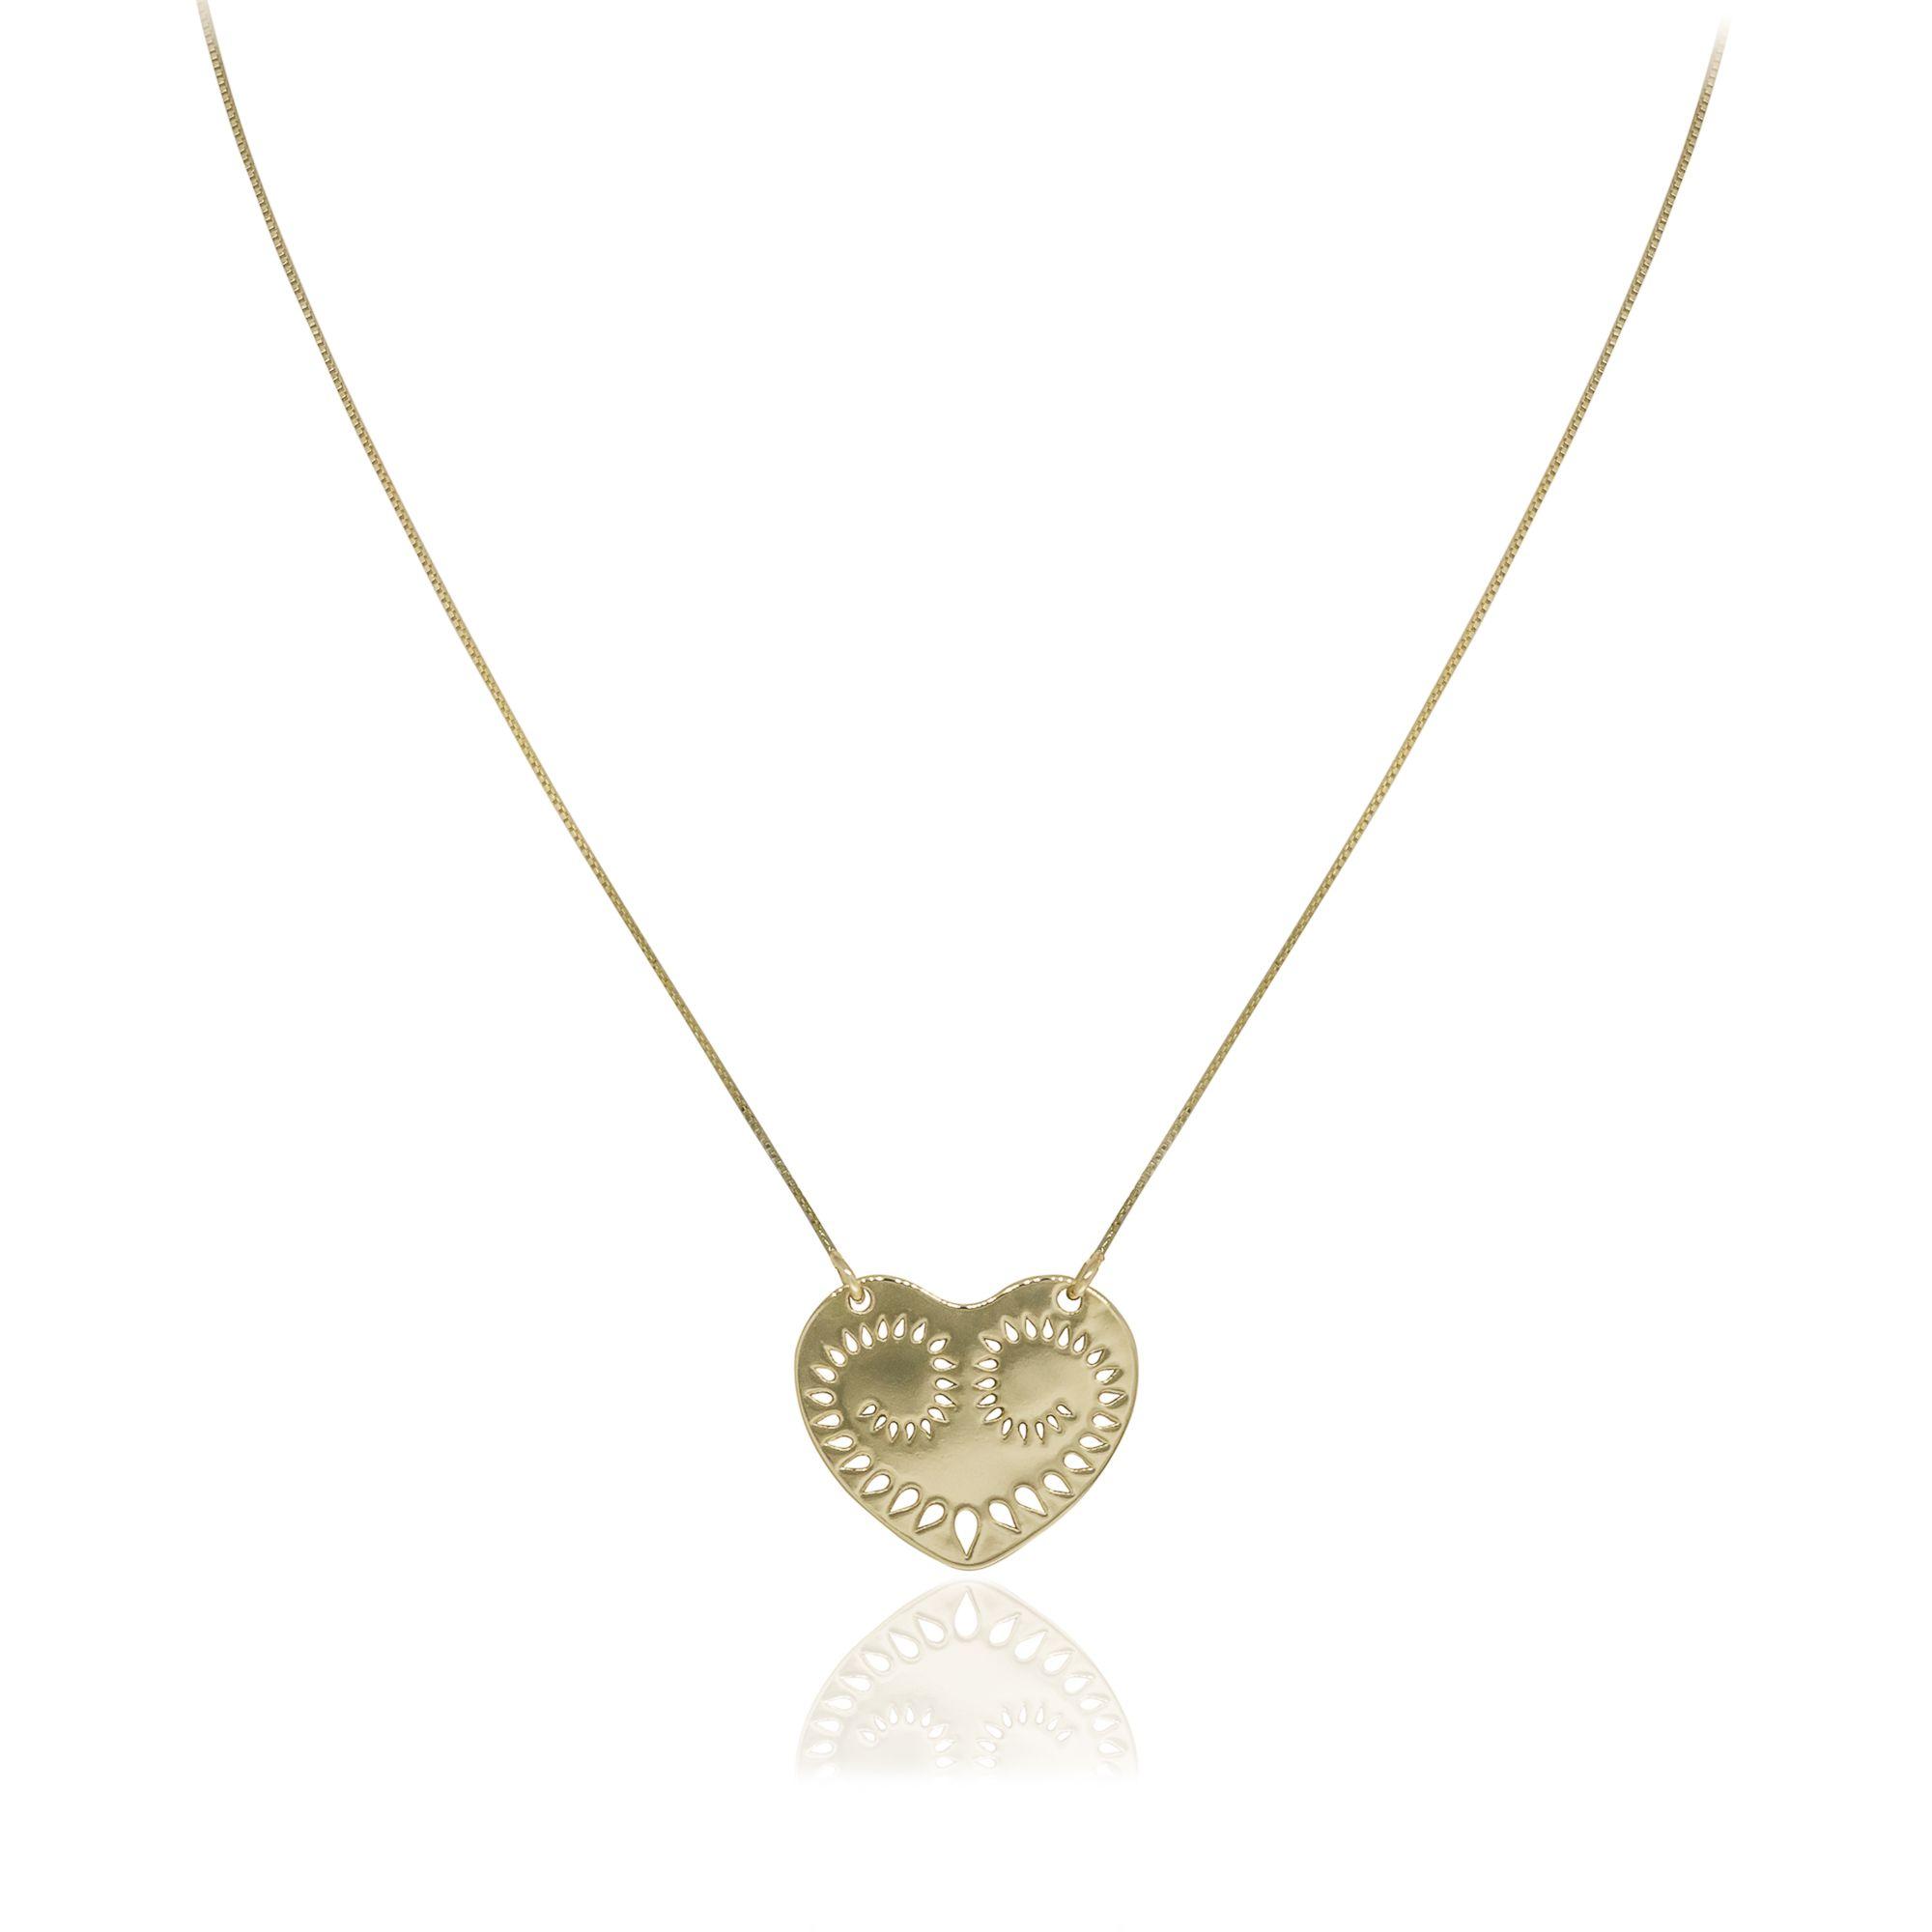 Colar Semi joia Coração vazado pequeno banhado a ouro 18k ou rhodium